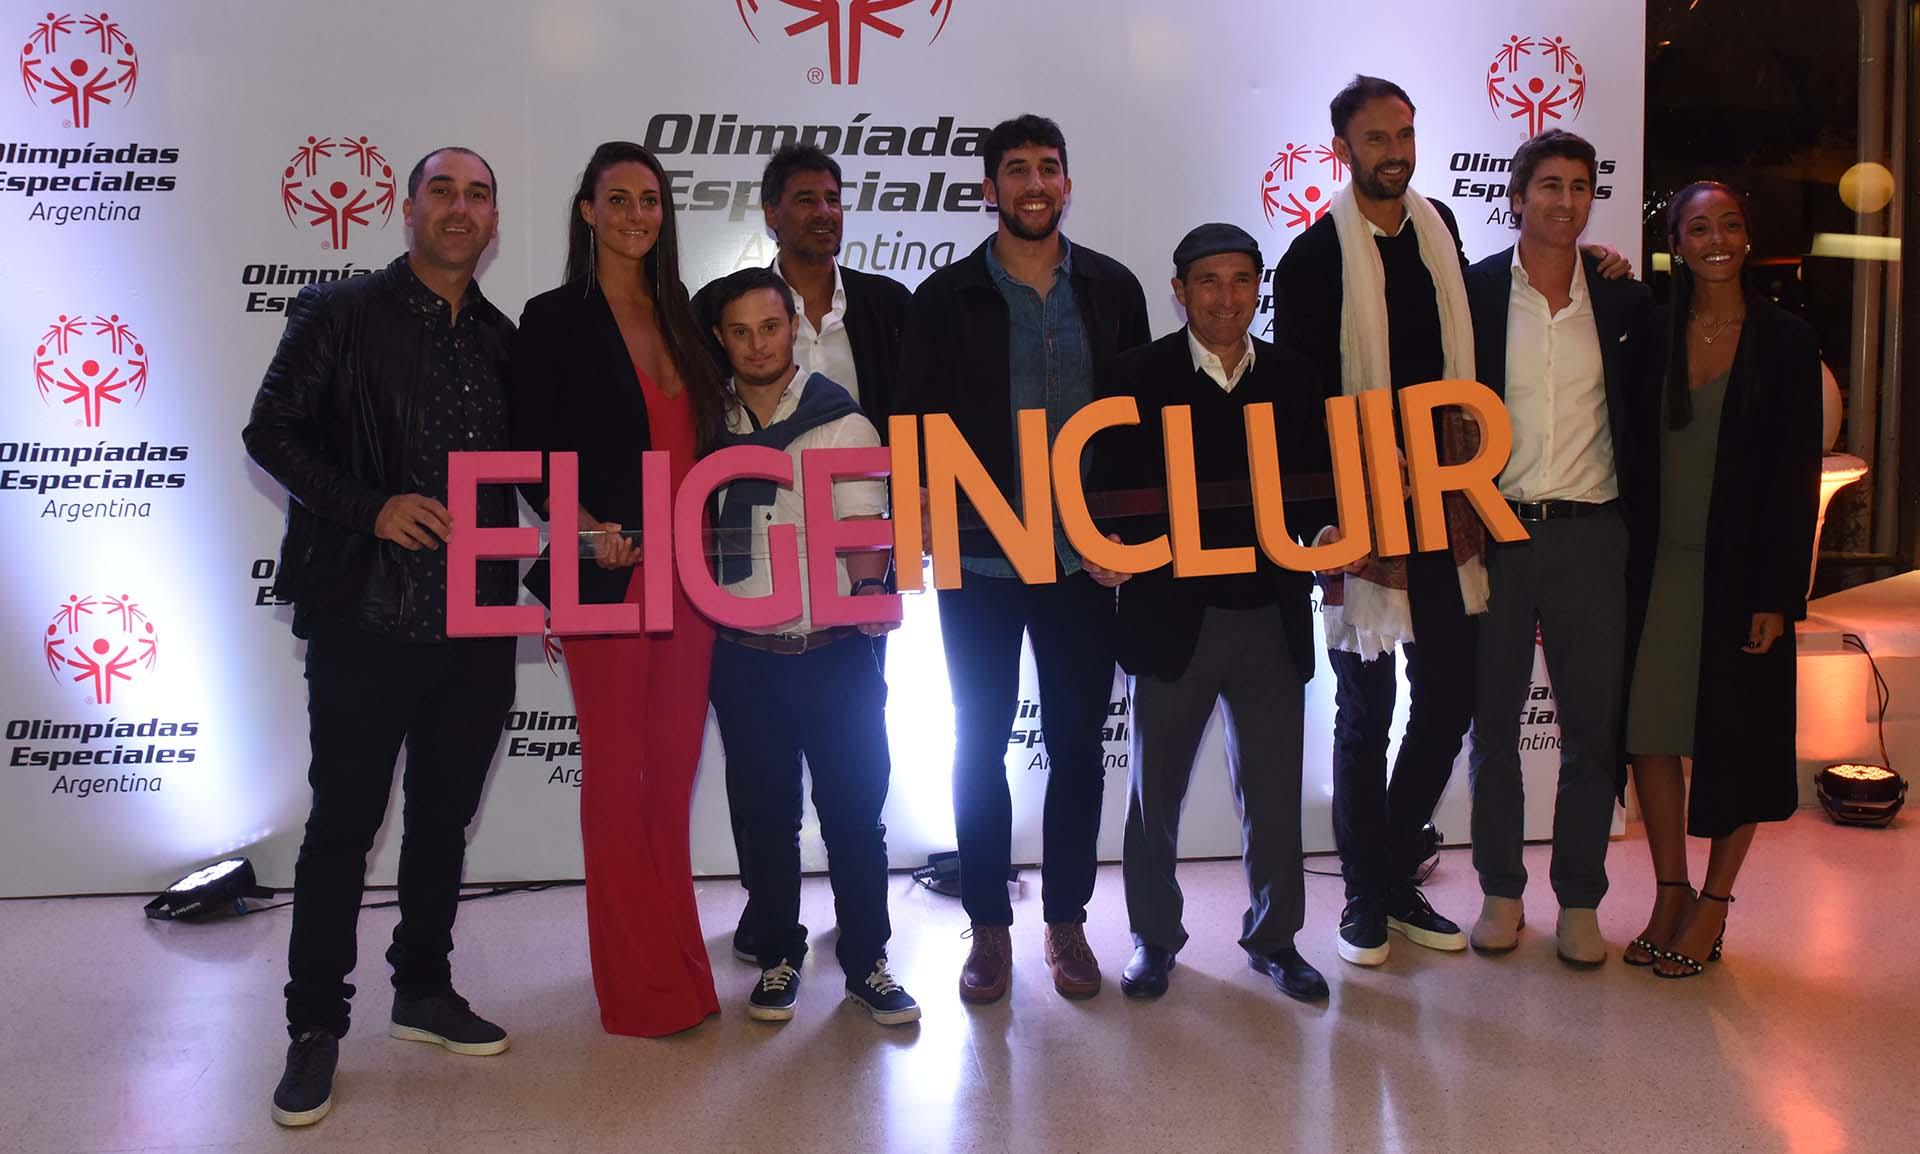 Del ámbito deportivo estuvieron presentes Sergio Cachito Vigil, Virginia Bardach, Nacho De Luca y Jerónimo Bidegain